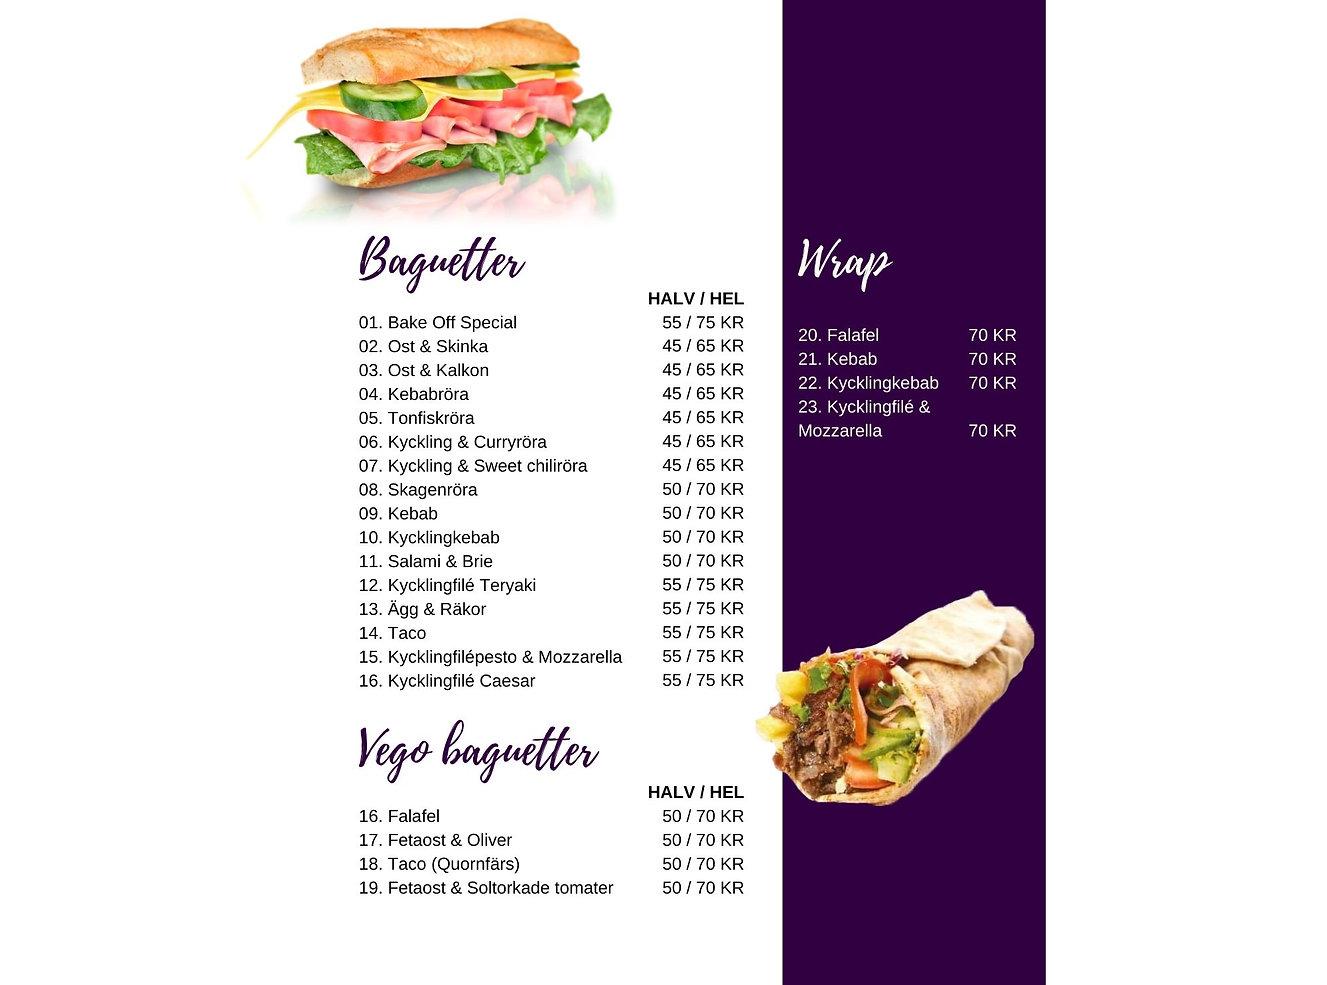 Bakeoff serverar baguetter och wraps. Det finns också vegetariska alternativ både som baguette och wrap.